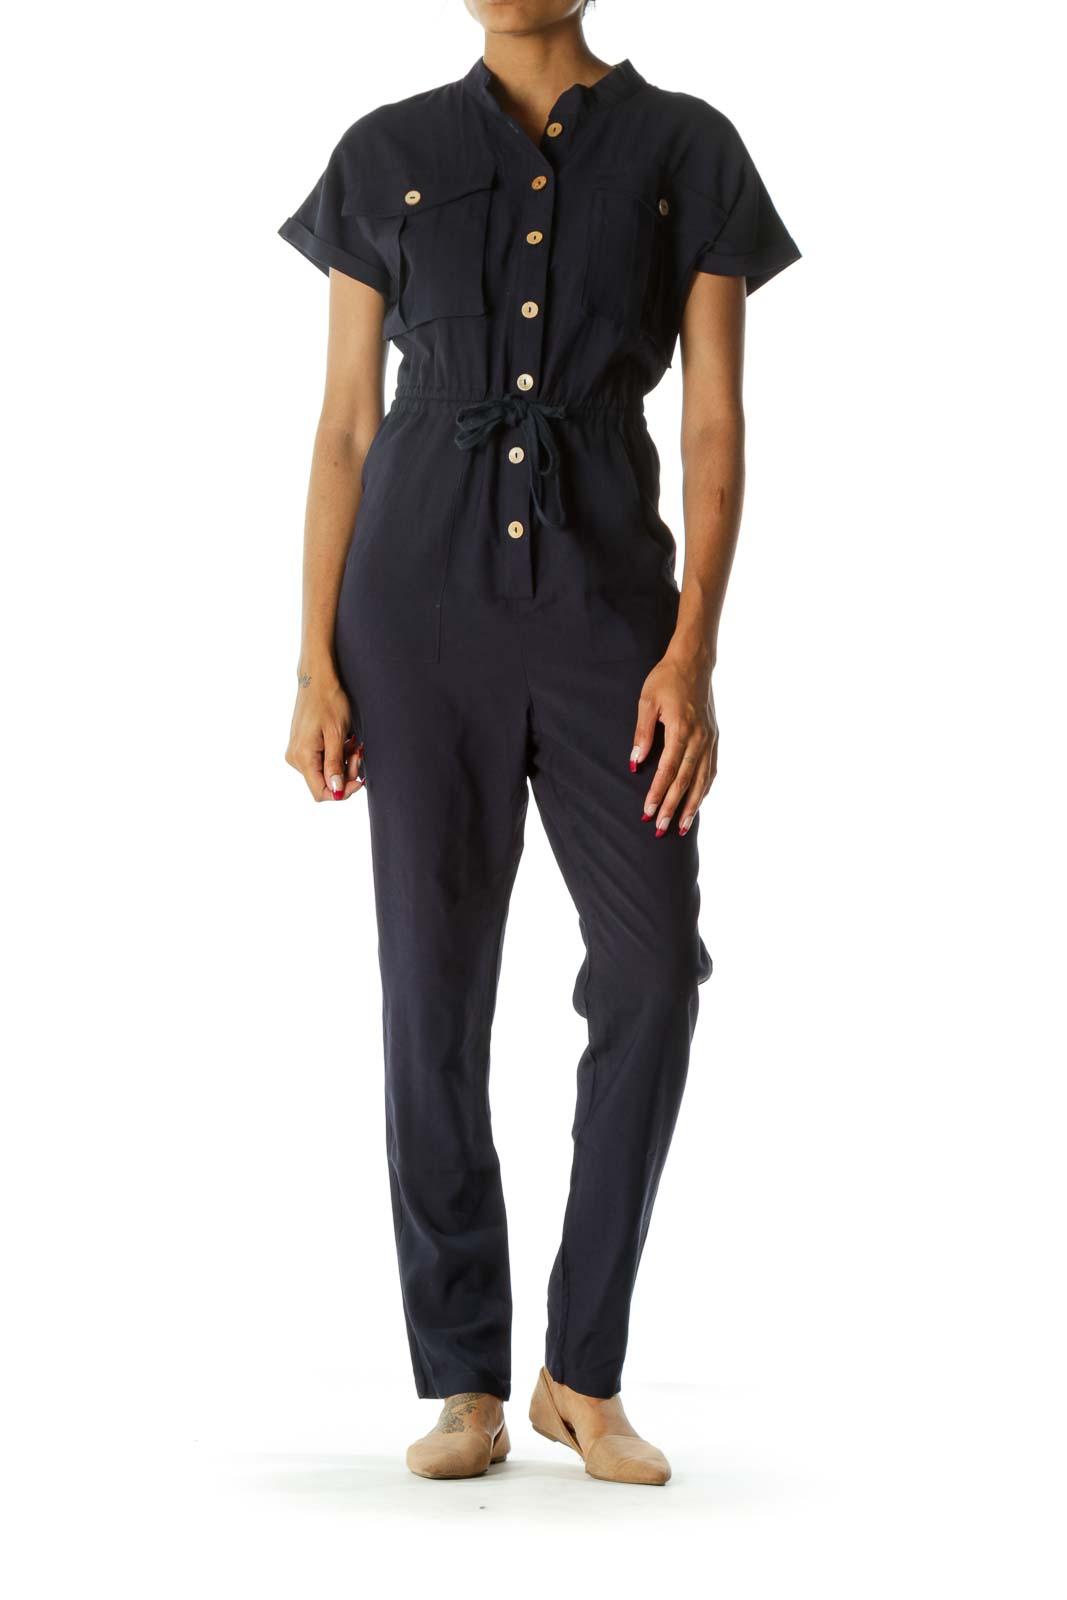 Navy Blue Breast-Pockets Short Sleeves Drawstring Jumpsuit